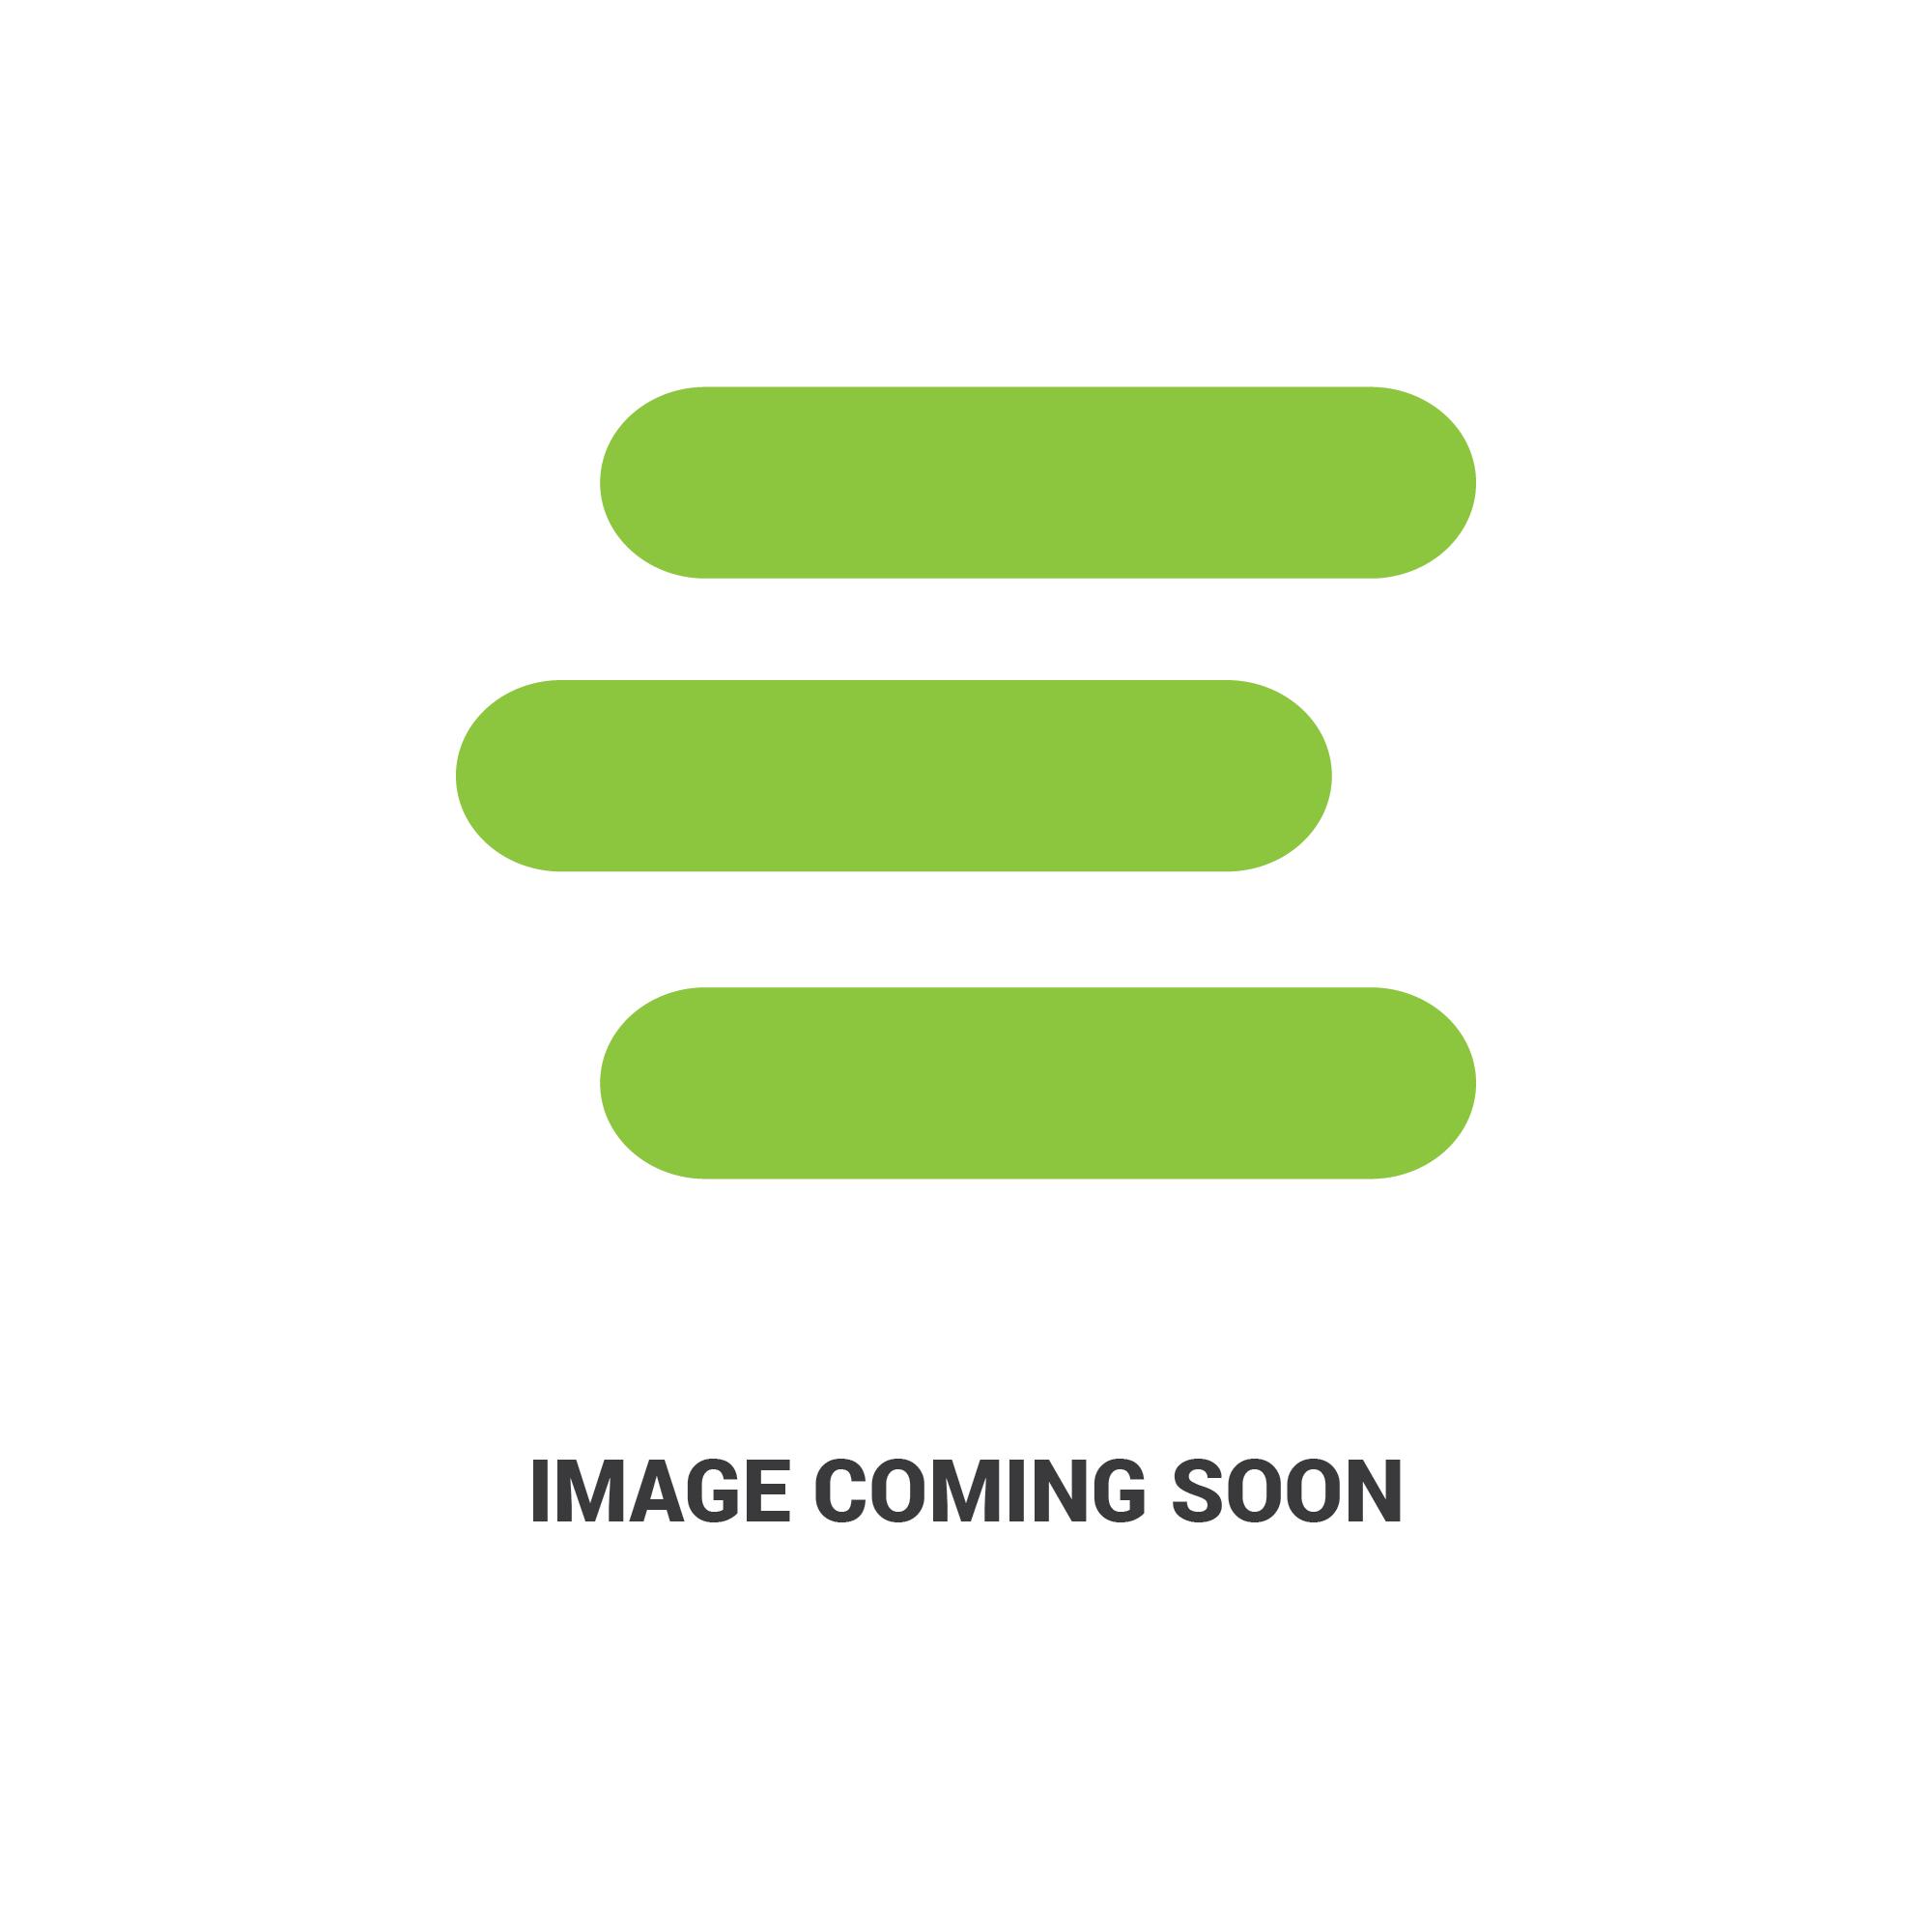 E-PMNH-1Dedit 1.jpg